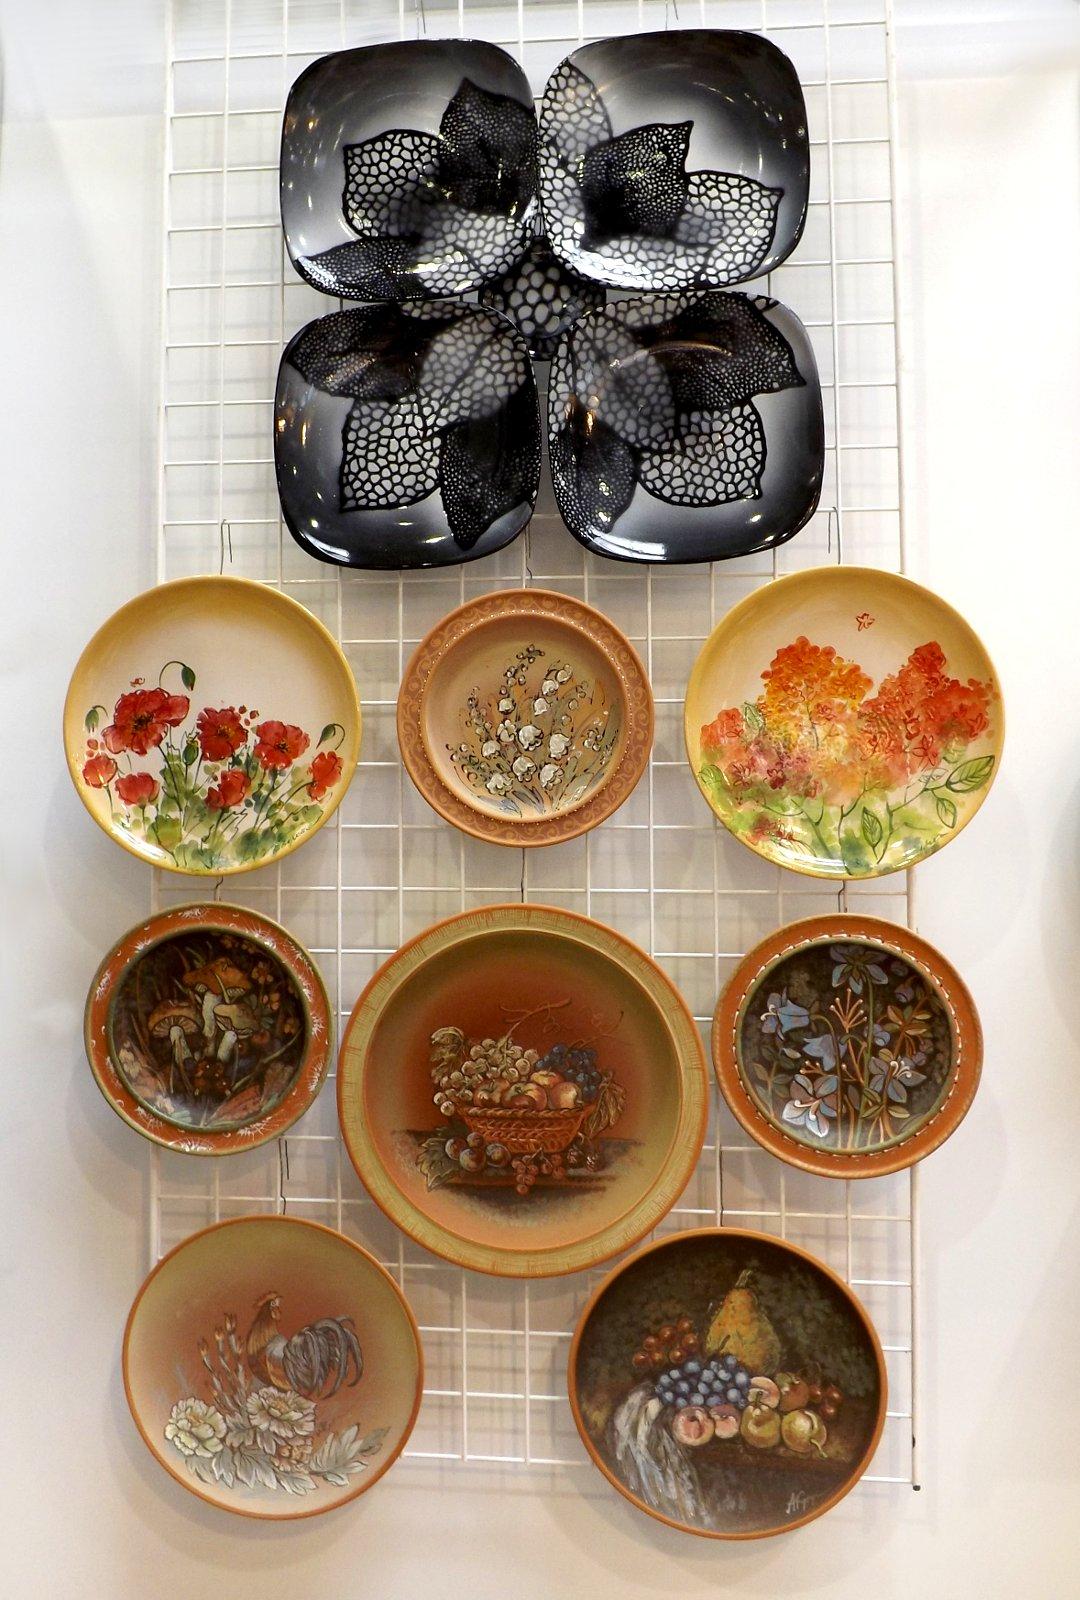 Керамическая посуда с ручной росписью от российского бренда на выставке HouseHoldExpo в сентябре 2016 года